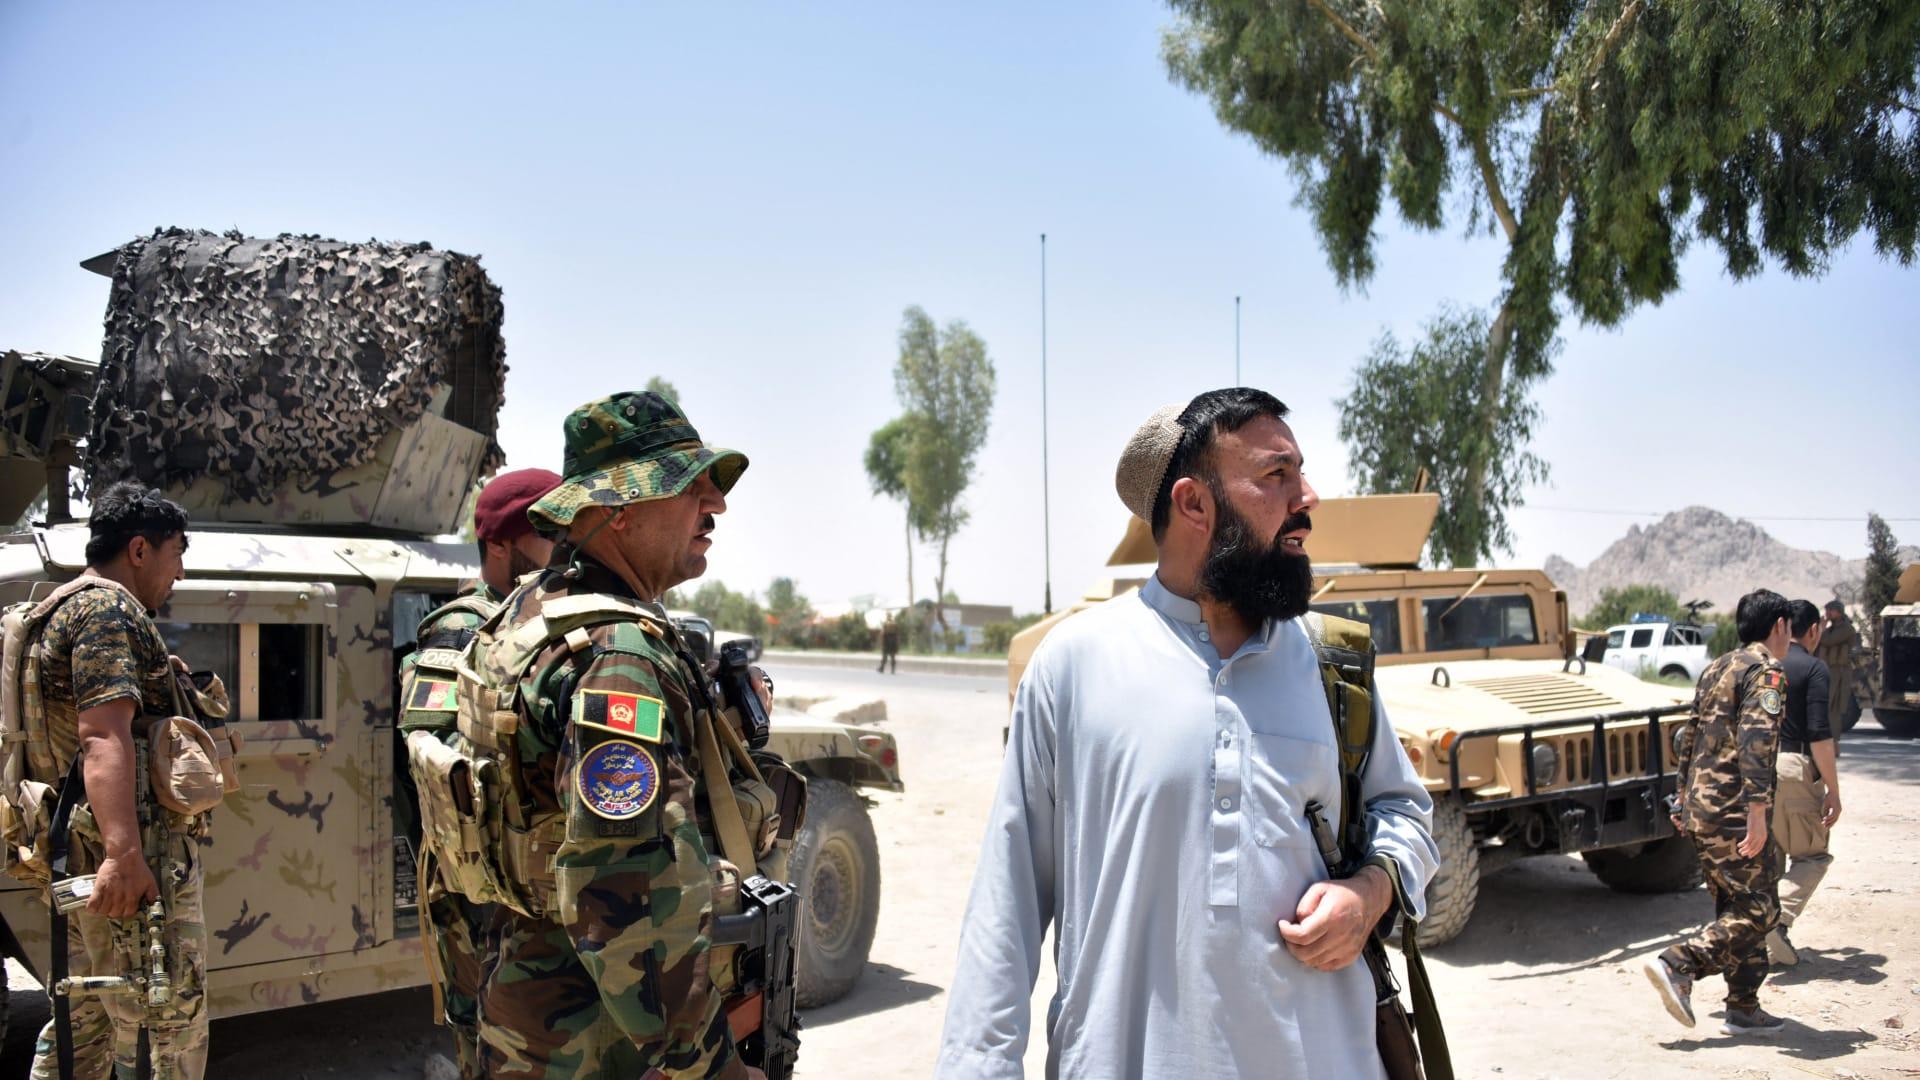 أفراد الأمن الأفغان يقفون على طول الطريق وسط قتال مستمر بين قوات الأمن الأفغانية ومقاتلي طالبان في قندهار، 9 يوليو 2021